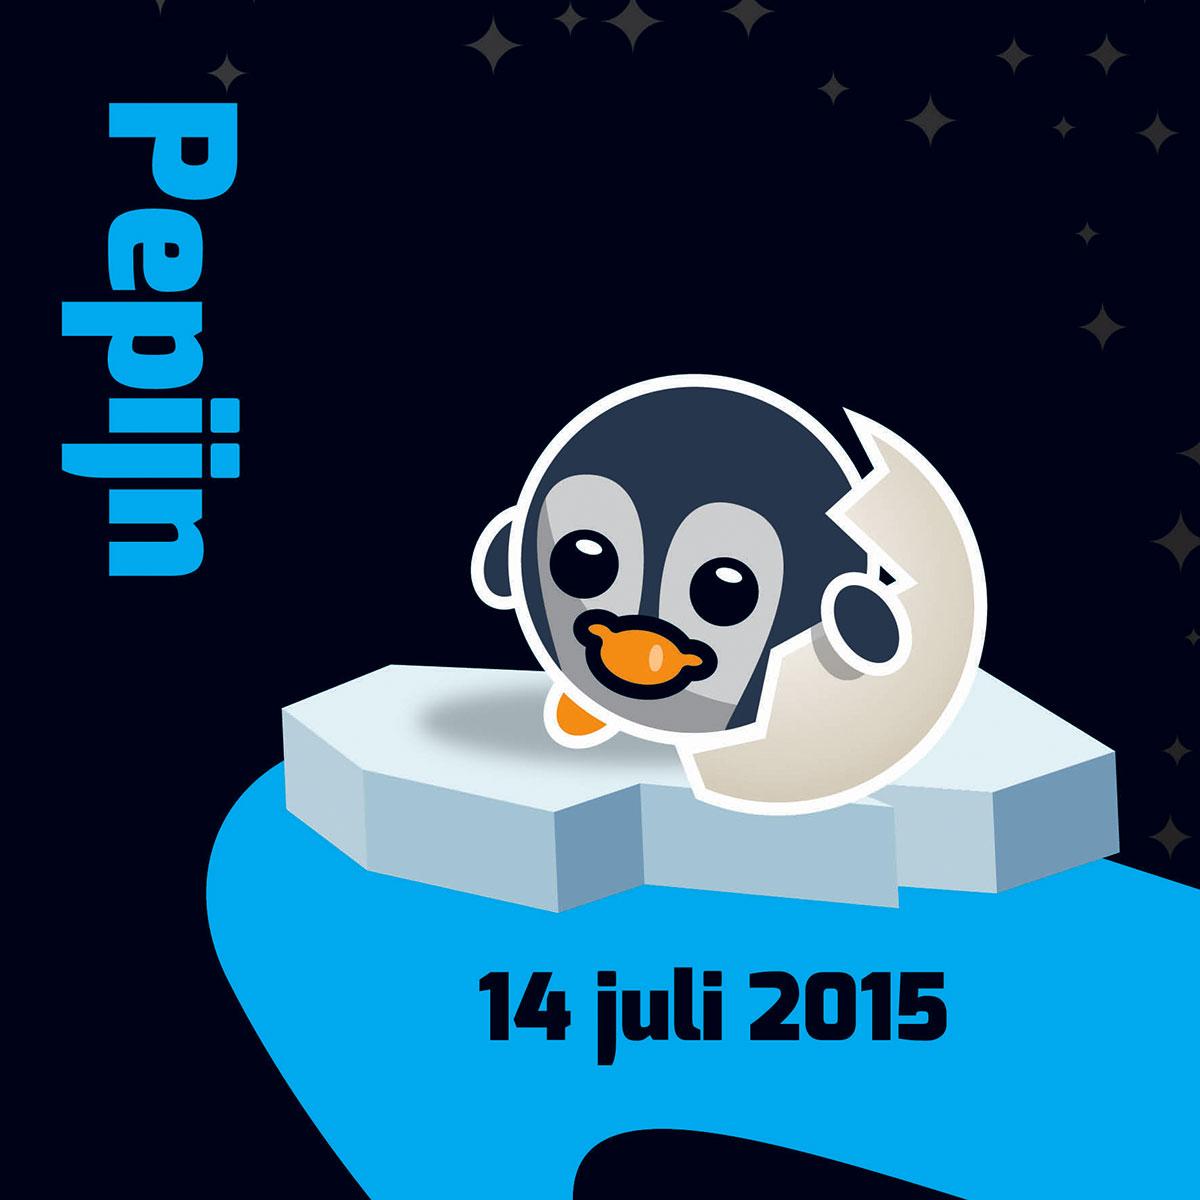 uniek ontwerp voor het geboortekaartje van Pepijn